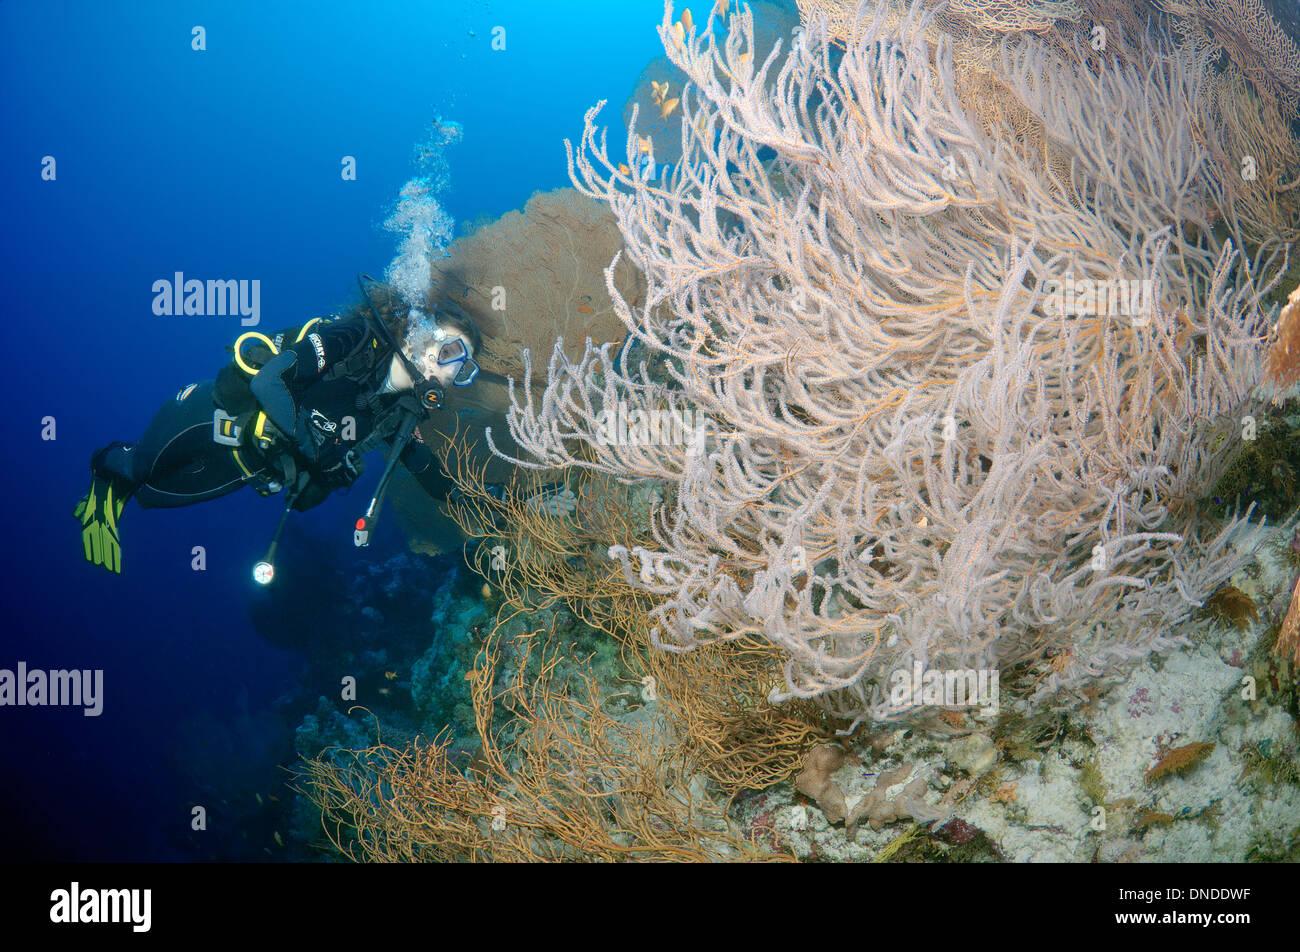 Sommozzatore guardando alla barriera corallina. Mar Rosso, Egitto, Africa Immagini Stock